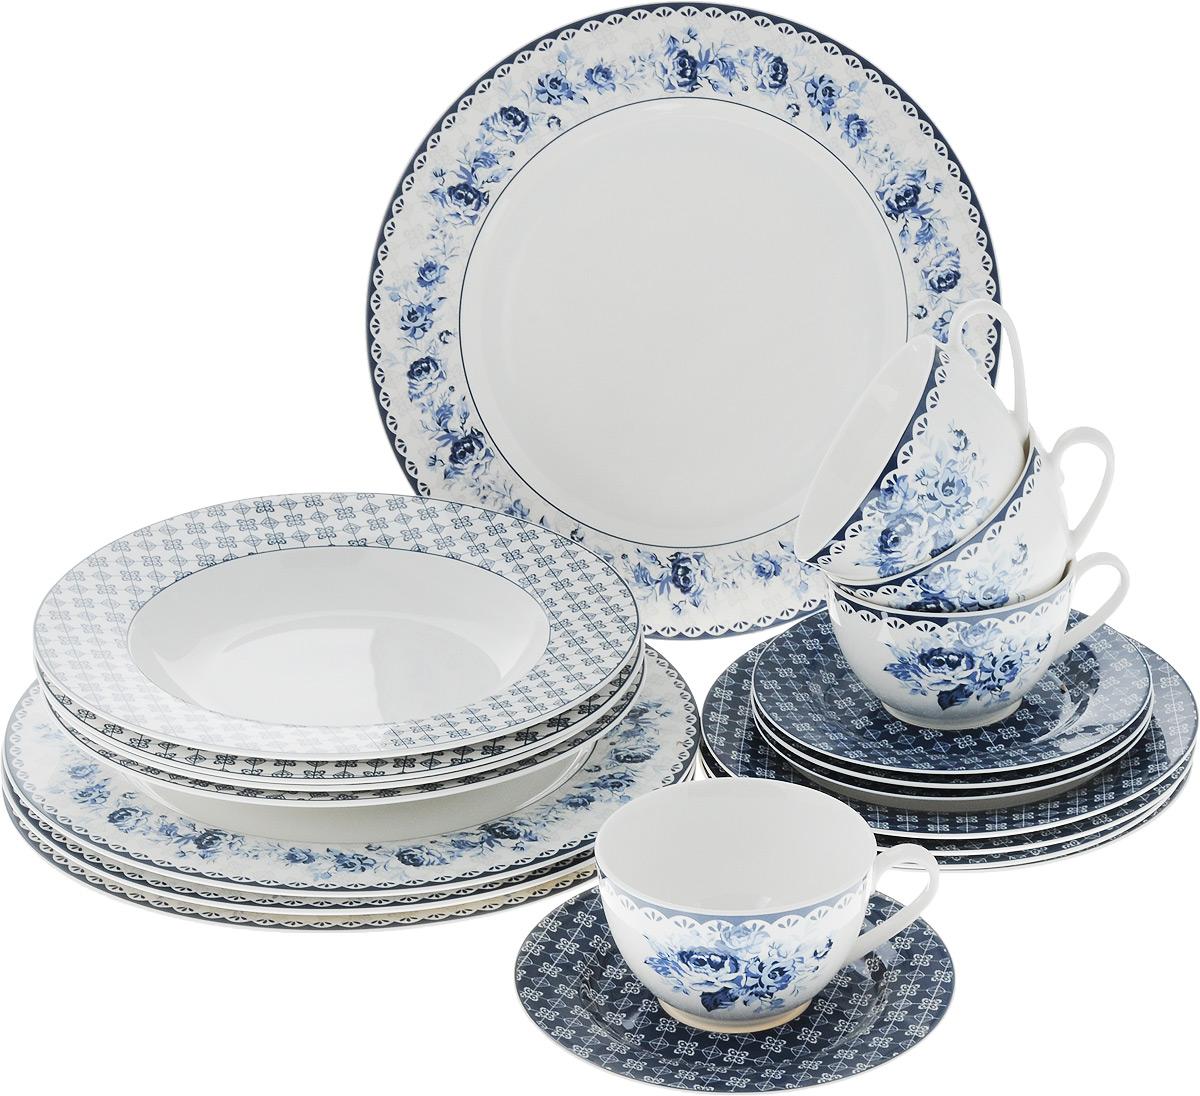 Набор столовой посуды Синие цветы, 20 предметов. 15-335115610Набор столовой посуды Синие цветы состоит из 4 обеденных тарелок, 4 суповых тарелок, 4 десертных тарелок, 4 блюдец и 4 чашек. Изделия выполнены из фарфора и дополнены изысканным цветочным рисунком в стиле гжель. Посуда отличается прочностью, гигиеничностью и долгим сроком службы, она устойчива к появлению царапин. Такой набор прекрасно подойдет как для повседневного использования, так и для праздников или особенных случаев. Такой набор столовой посуды - это не только яркий и полезный подарок для родных и близких, а также великолепное дизайнерское решение для вашей кухни или столовой. Можно использовать в микроволновой печи и мыть в посудомоечной машине. Диаметр суповой тарелки: 23 см. Высота суповой тарелки: 3 см.Диаметр обеденной тарелки: 27 см. Диаметр десертной тарелки: 19 см. Диаметр блюдца: 15,5 см. Объем чашки: 250 мл.Диаметр чашки (по верхнему краю): 9,5 см.Высота чашки: 6 см.